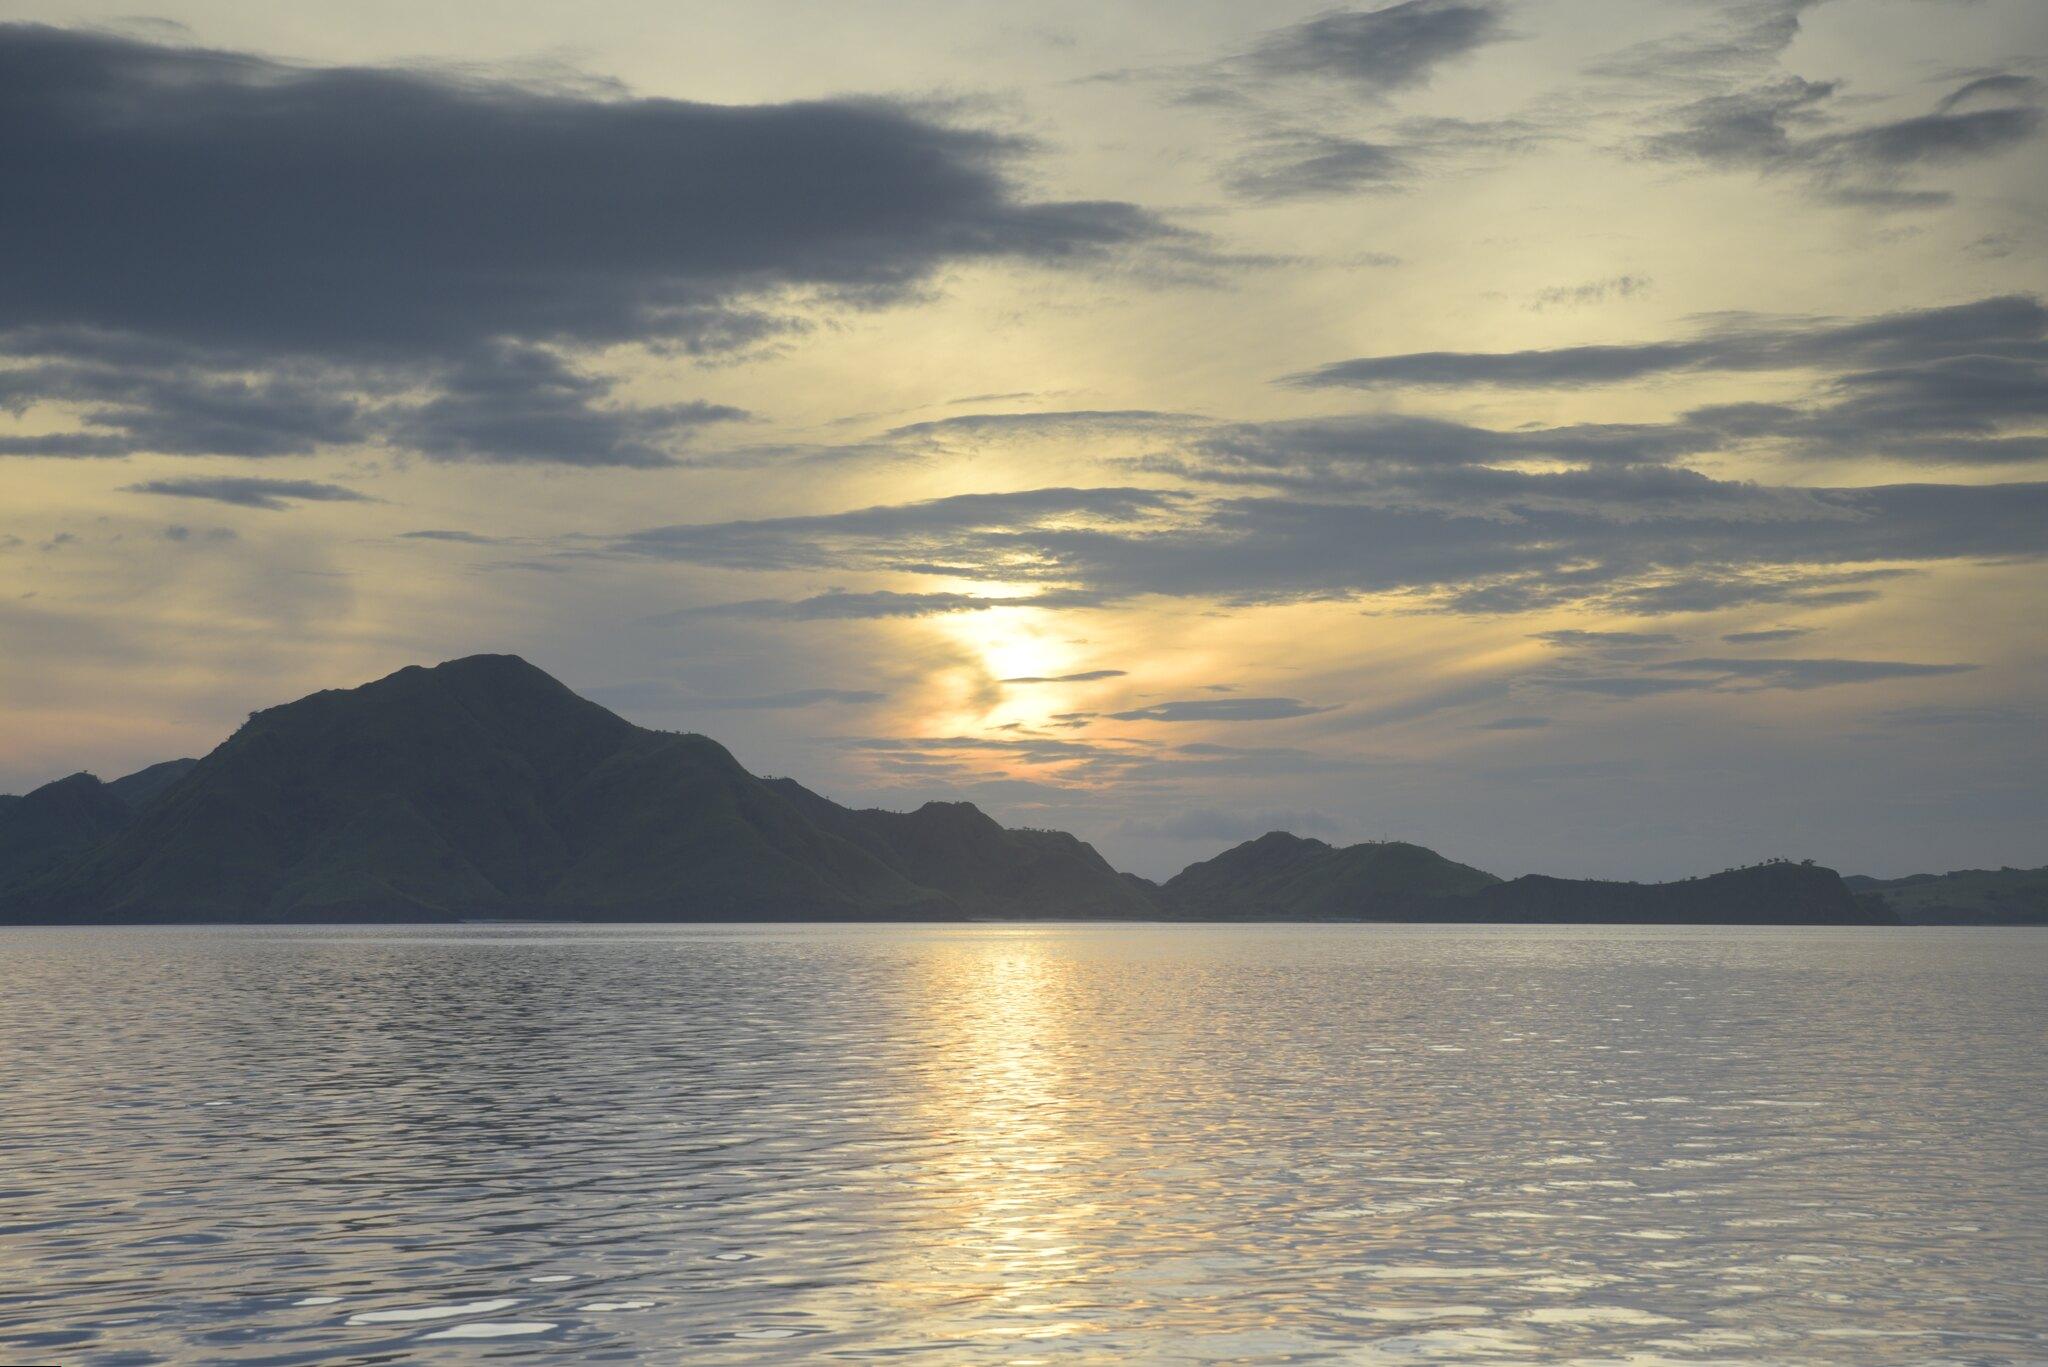 Parque nacional de komodo amanecer